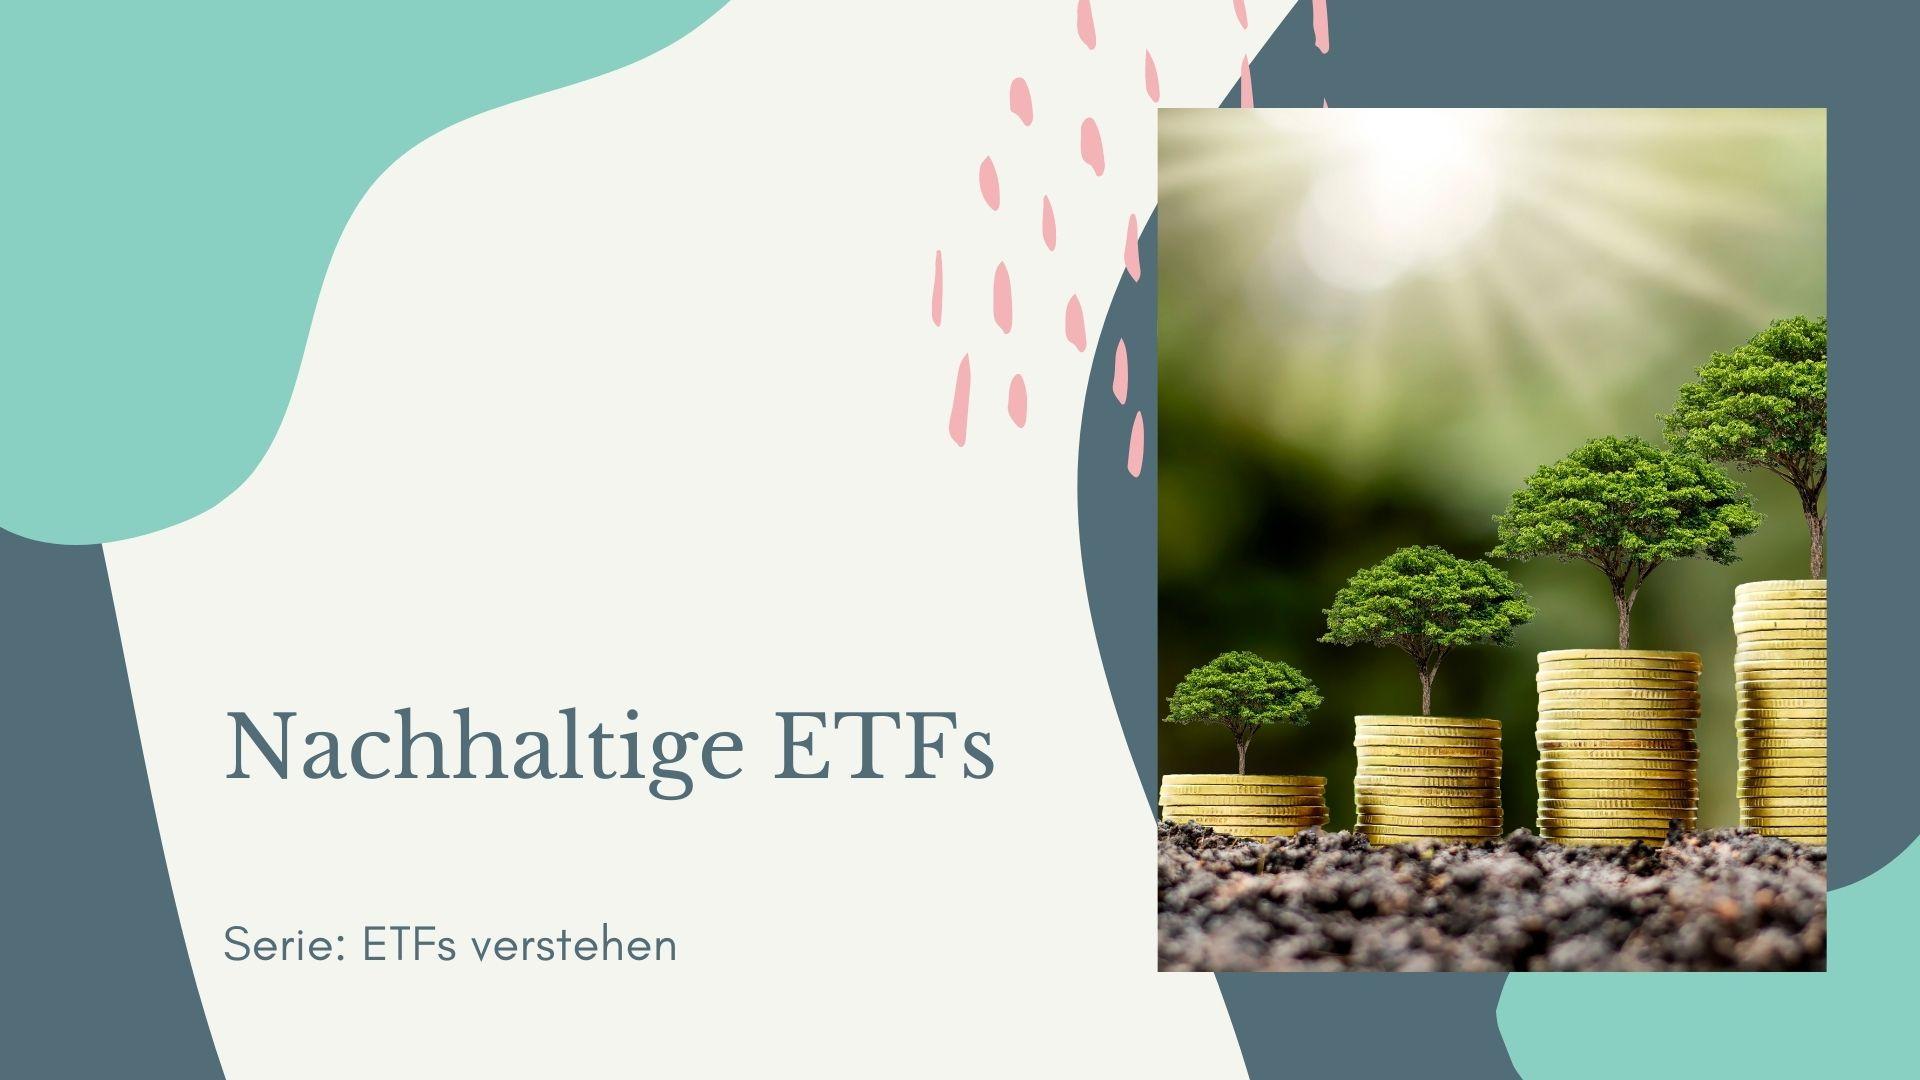 Nachhaltige ETFs